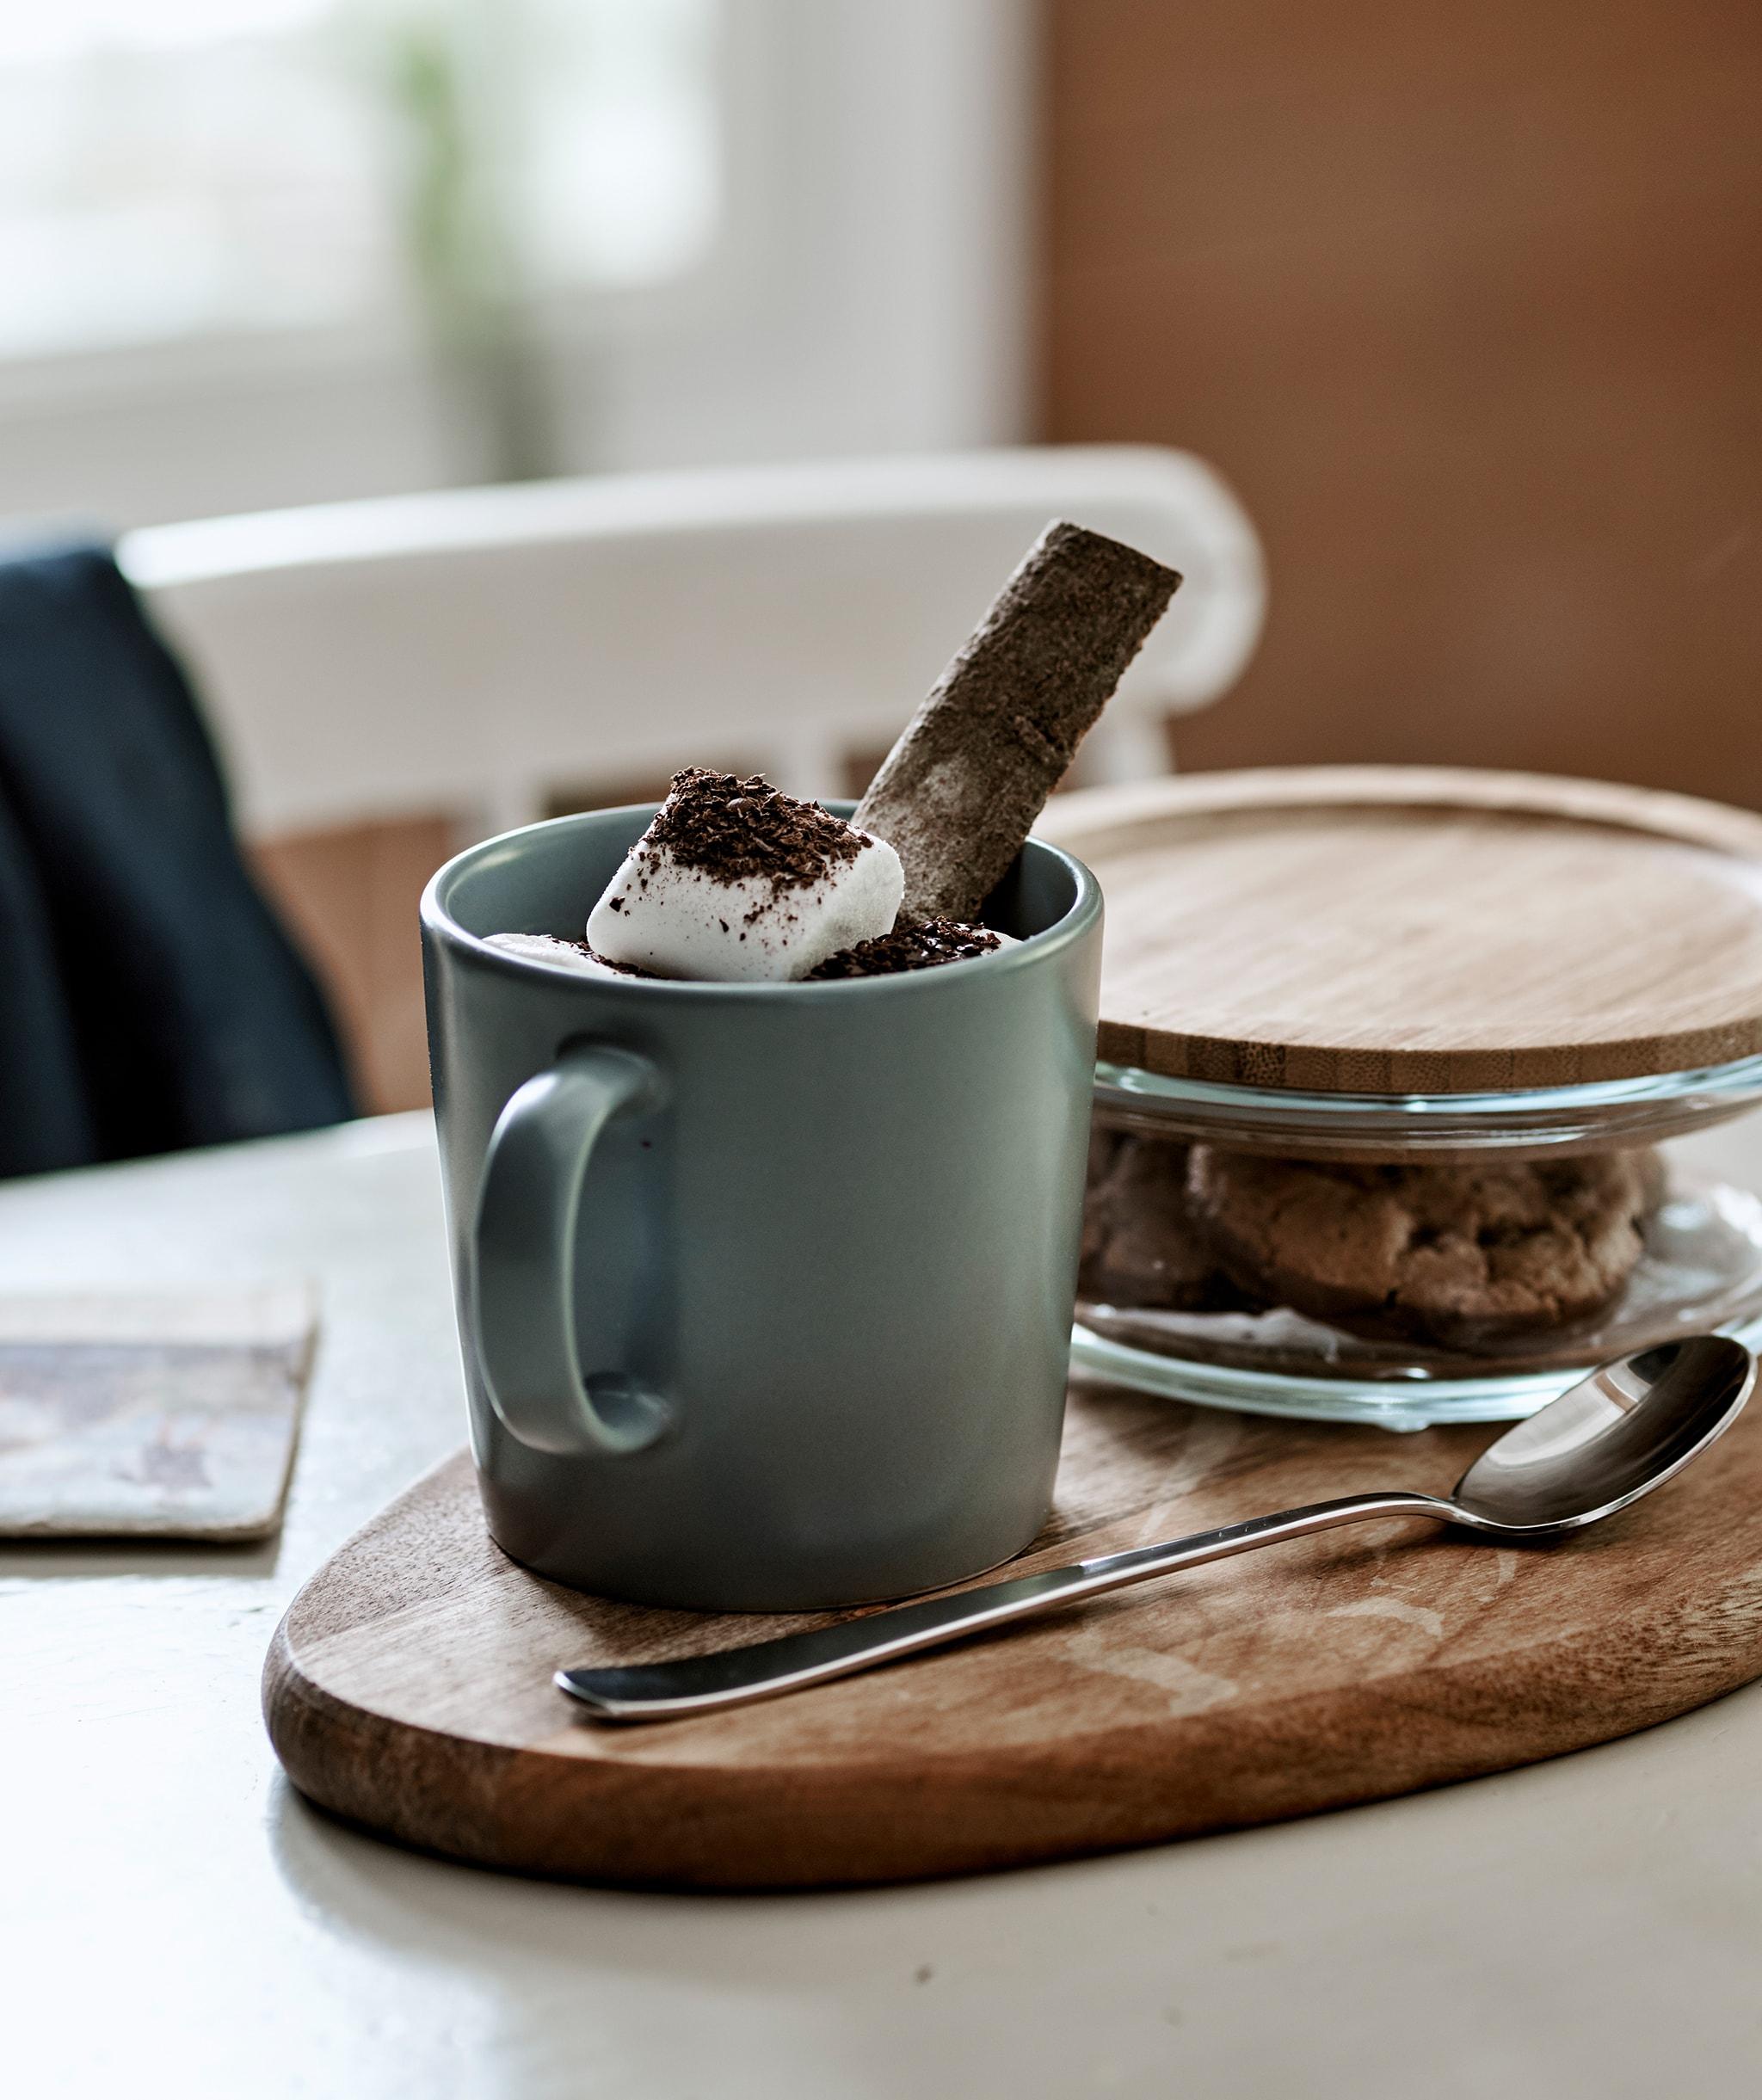 Minuman cokelat panas dengan marshmallow dalam cangkir berwarna abu-abu biru yang disajikan di atas talenan lengkap dengan kue dalam stoples kaca dengan penutup dari bambu.